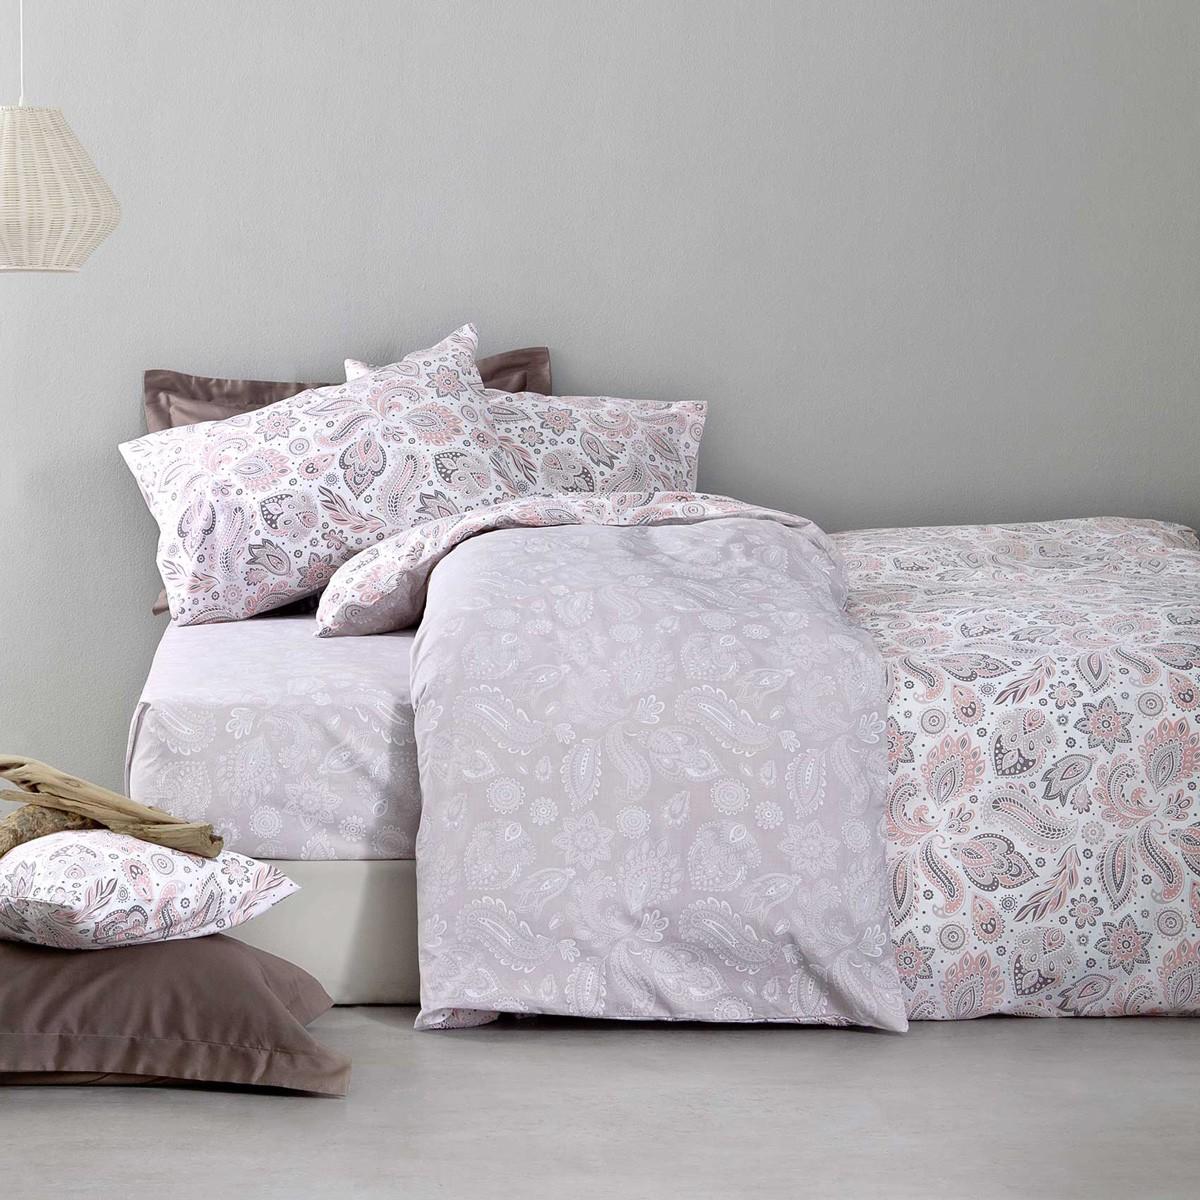 Σεντόνια Μονά (Σετ) Nima Bed Linen Delhi Pink ΜΕ ΛΑΣΤΙΧΟ ΜΕ ΛΑΣΤΙΧΟ